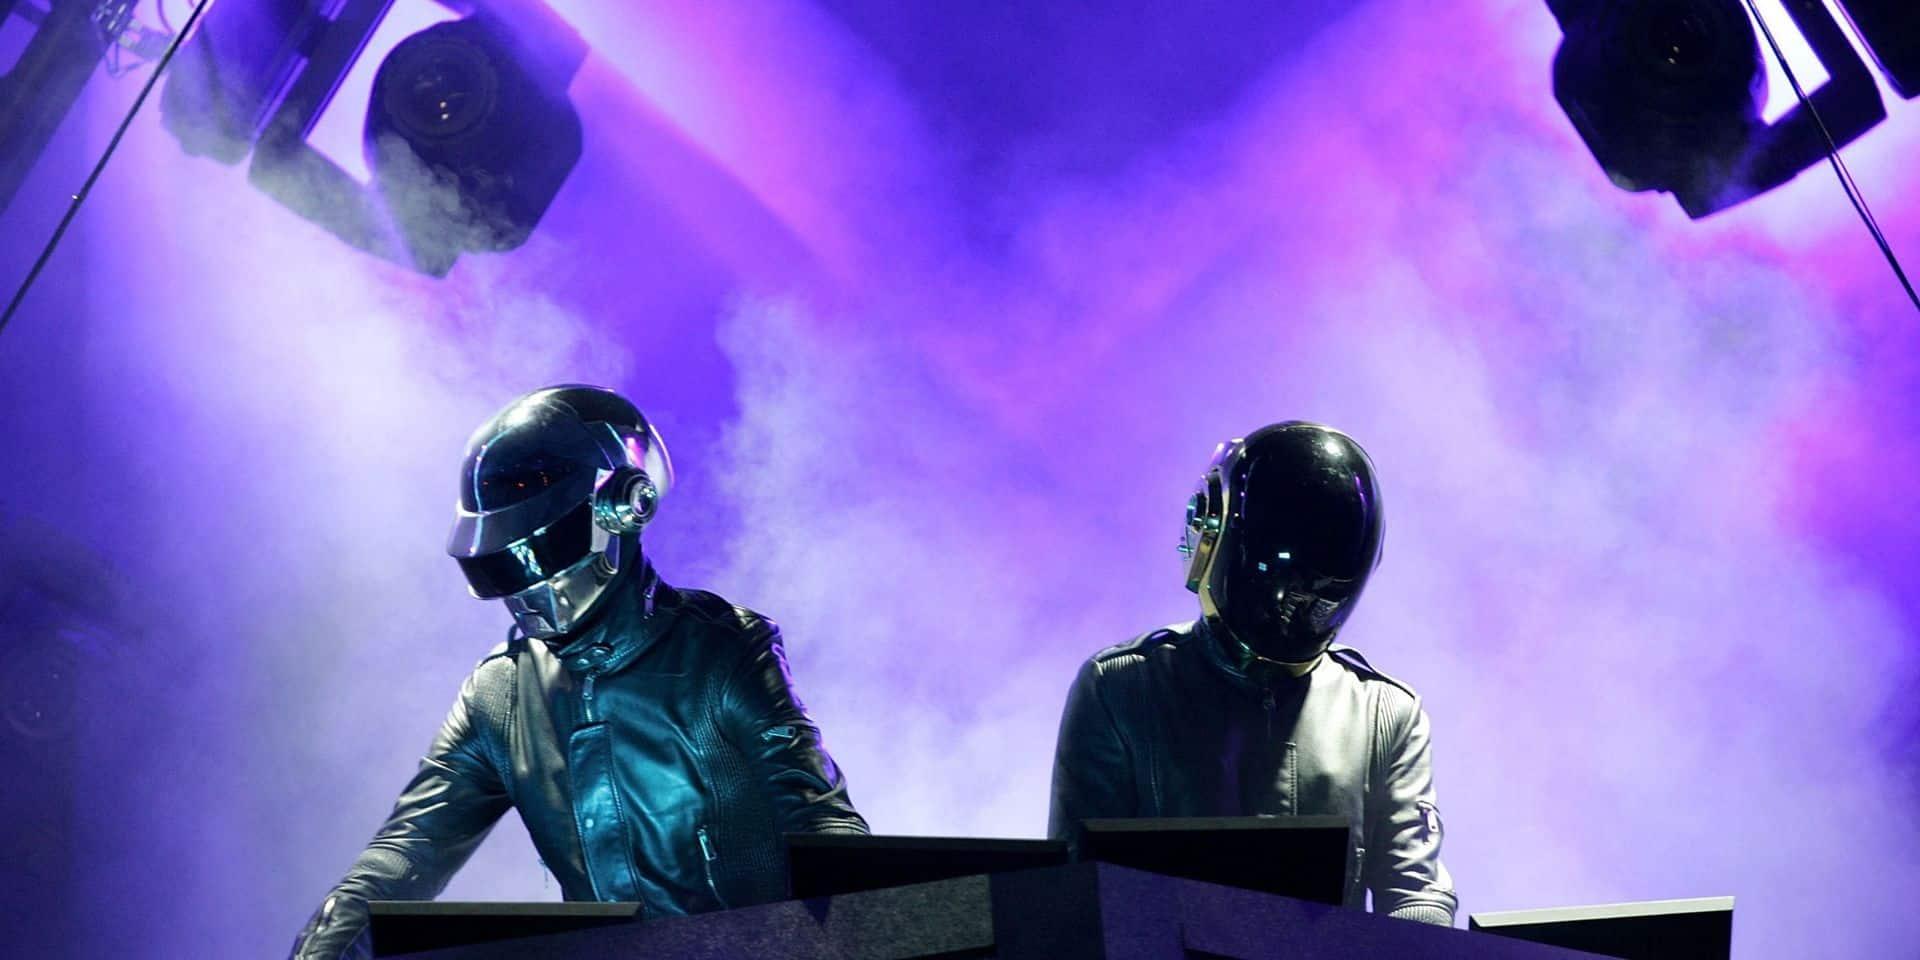 La folie Daft Punk s'empare de la Banque centrale européenne